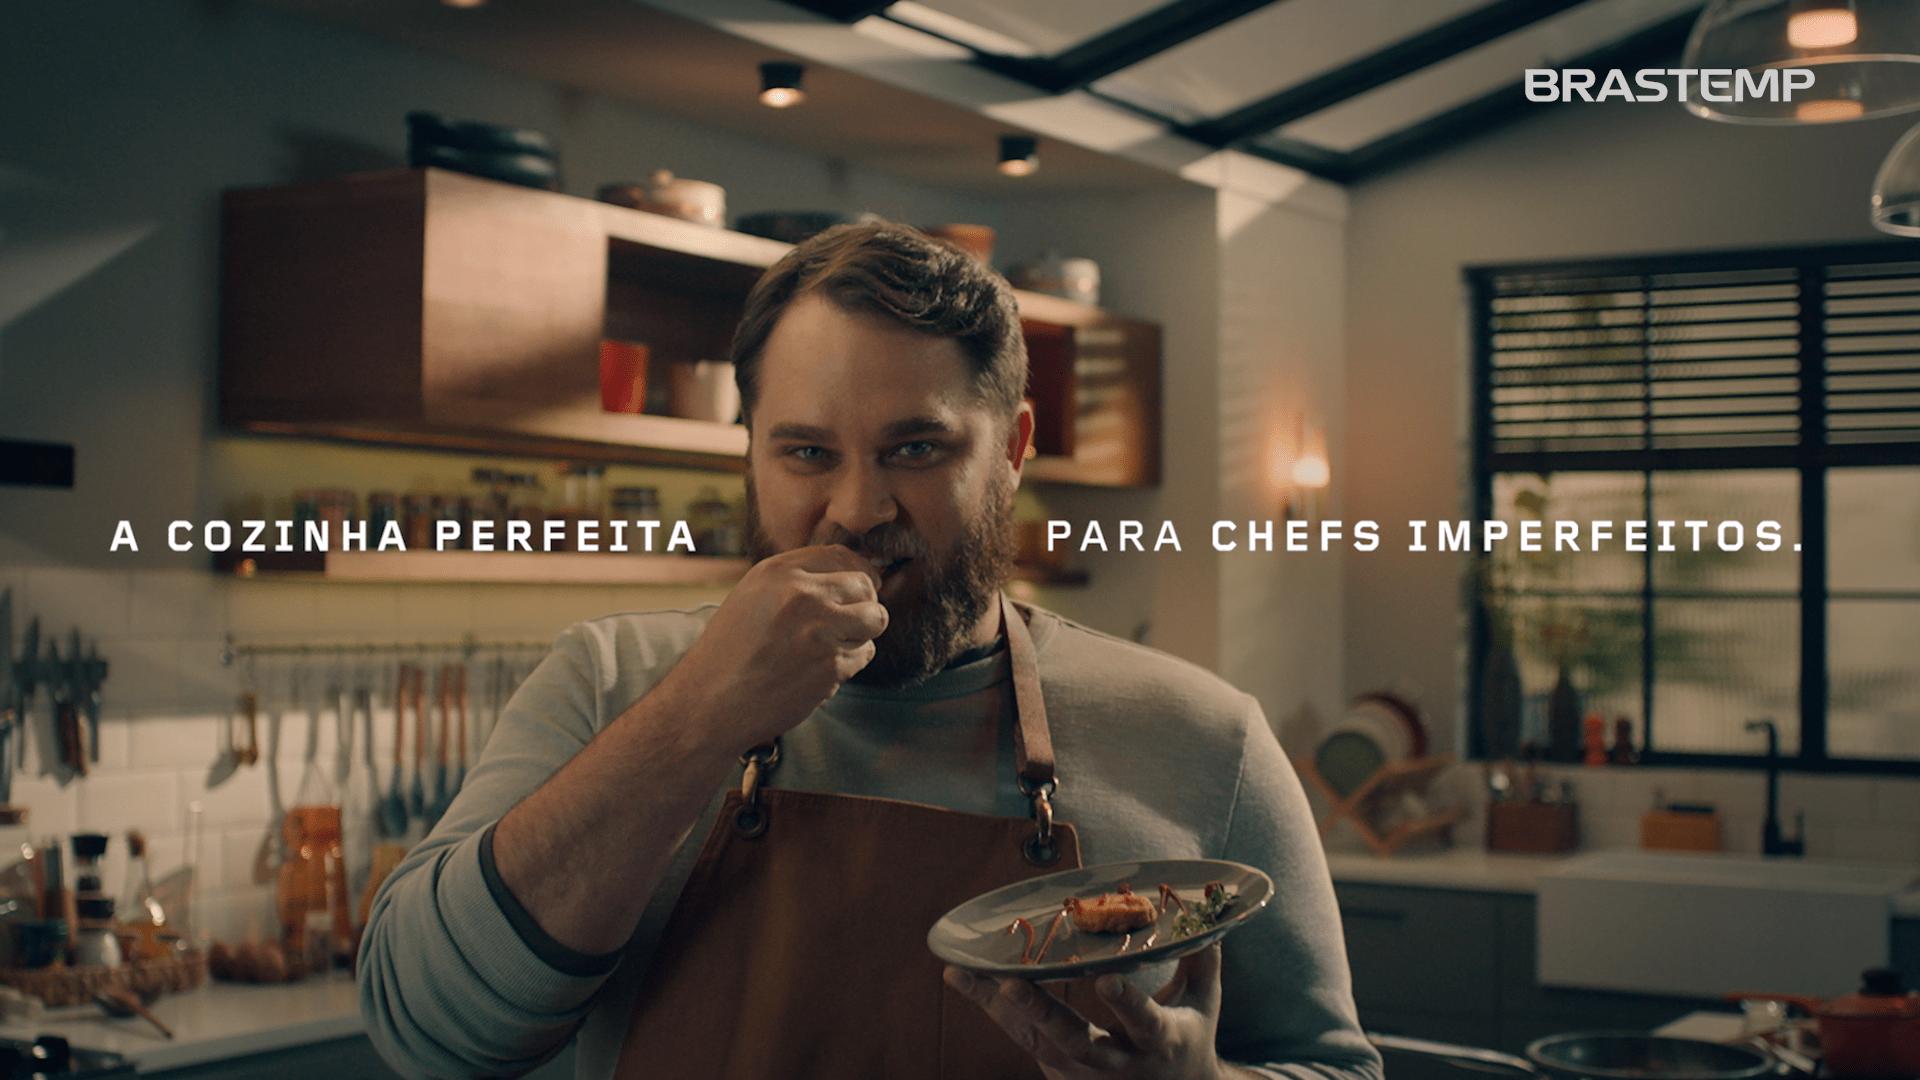 Brastemp lança nova campanha e incentiva o consumidor a 'ser o chef que quiser ser'